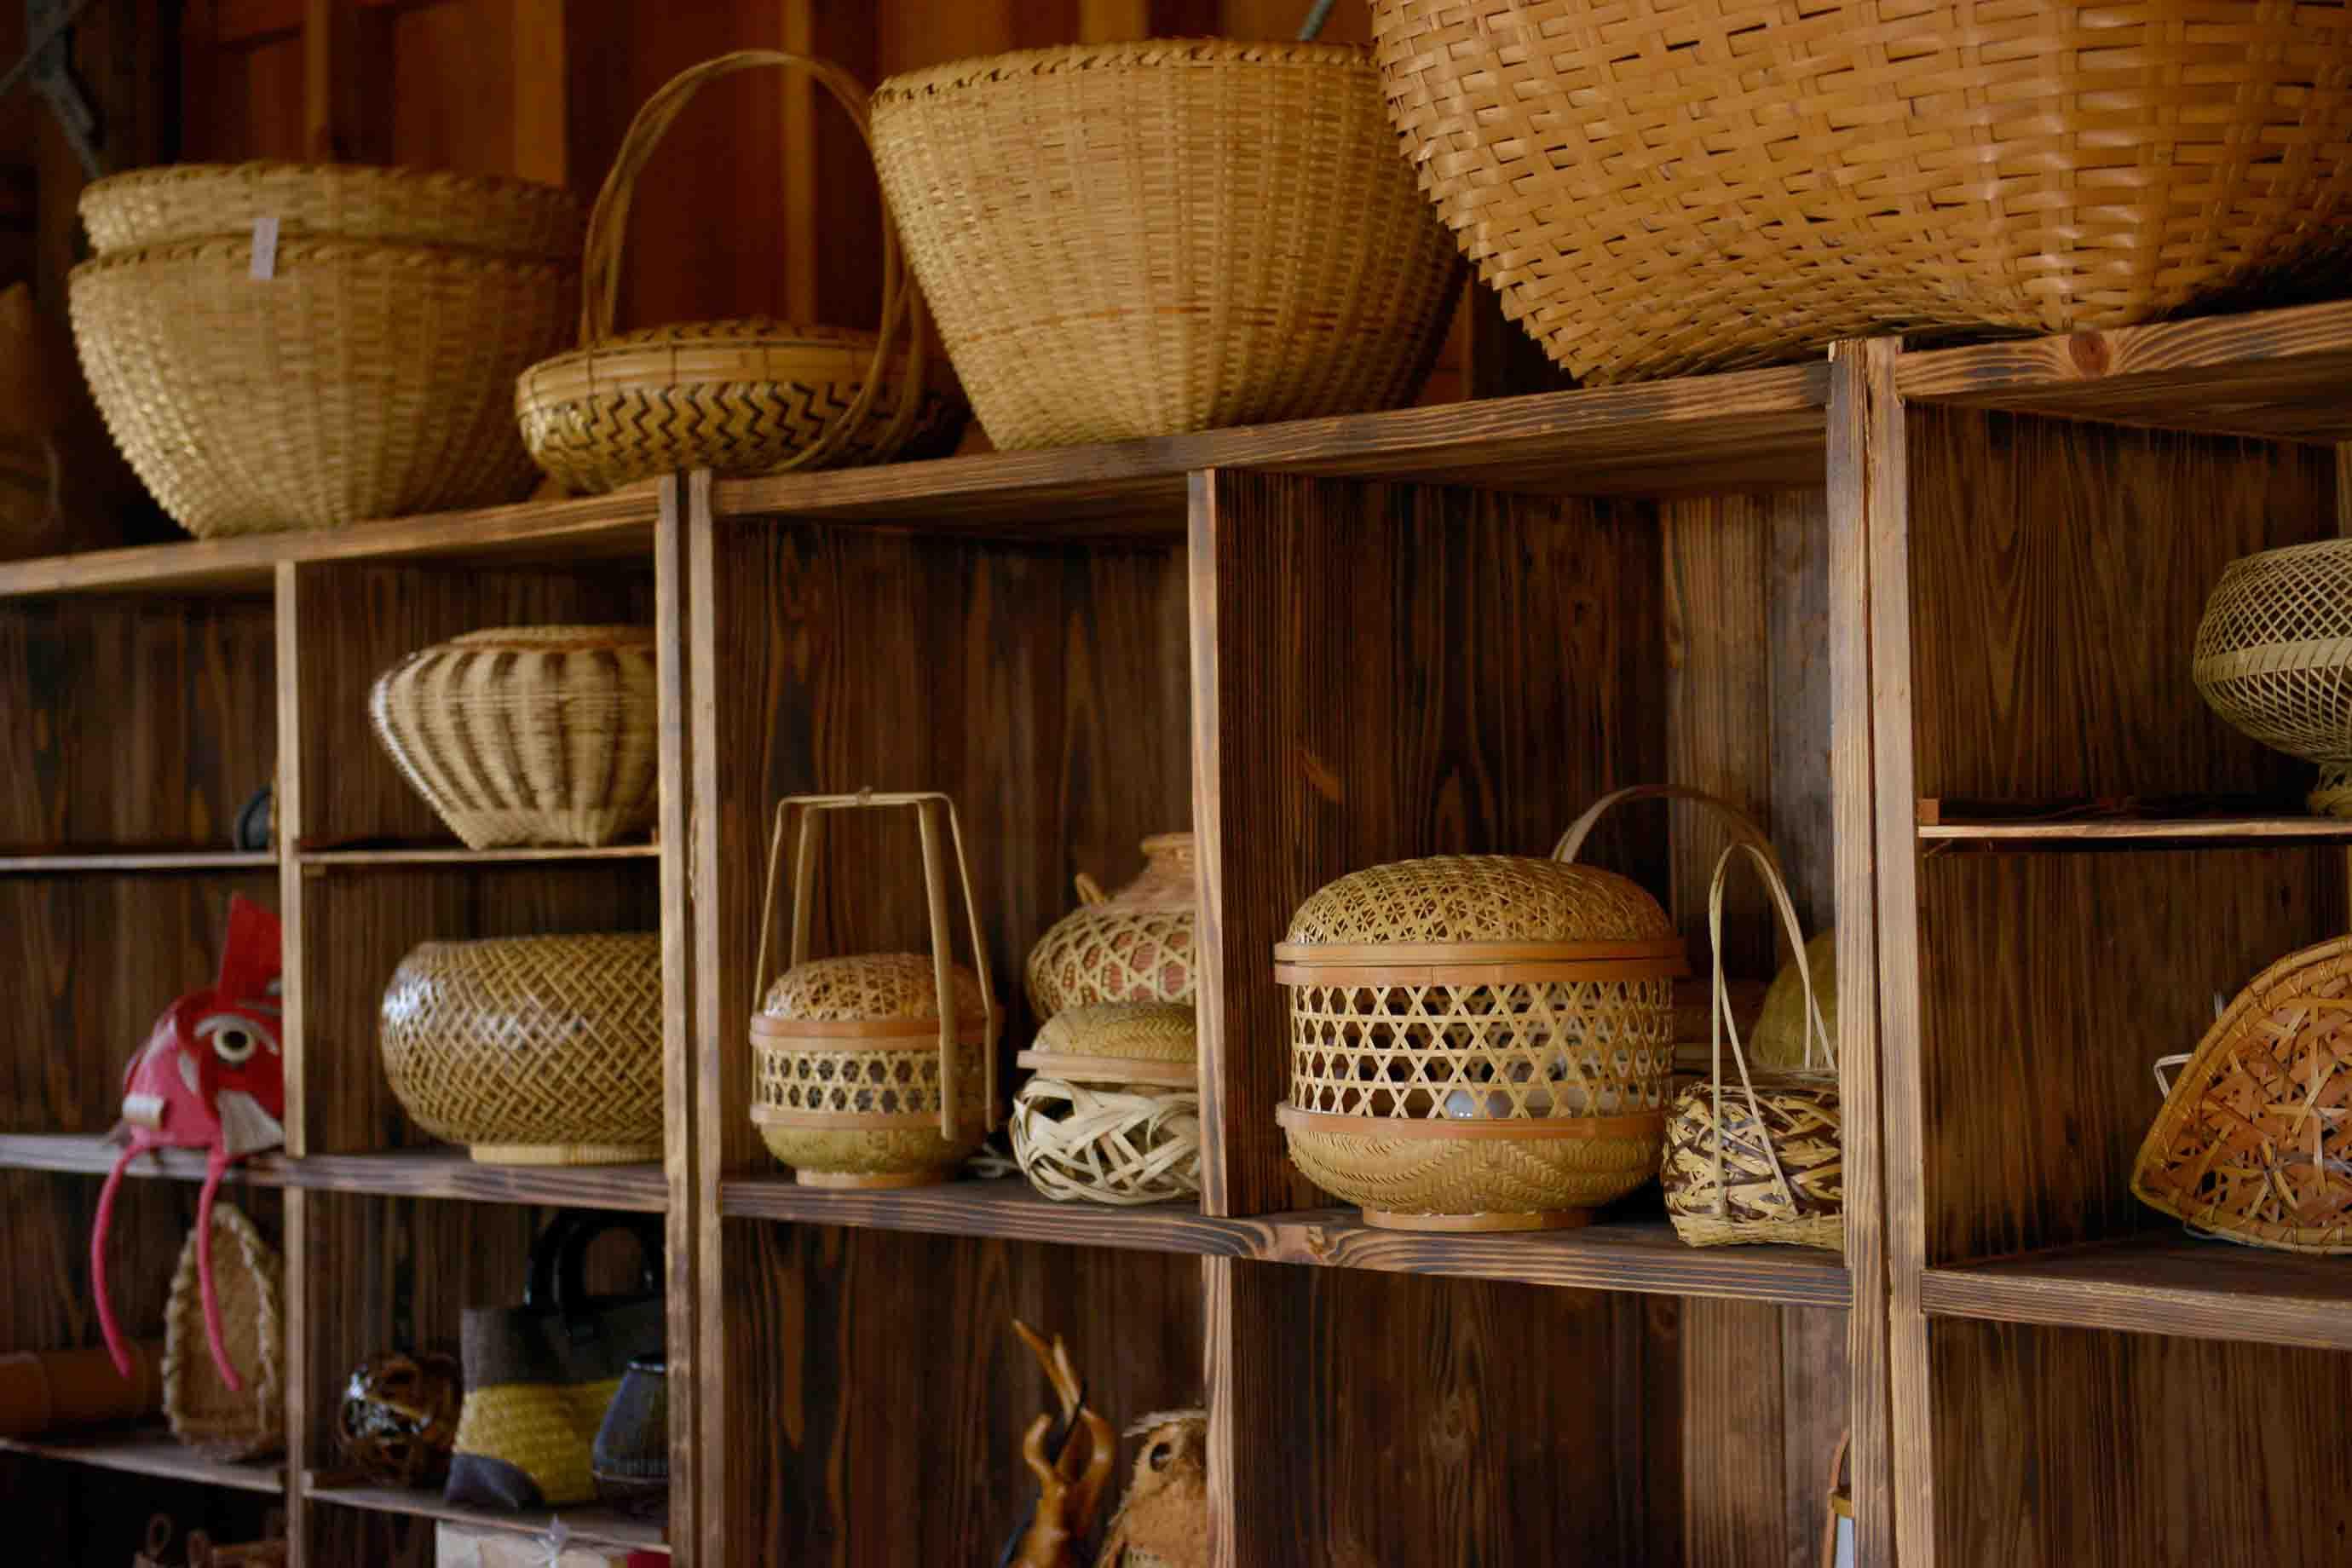 工房には、沖縄の日常道具として使われてきた大小様々なかごが並びます